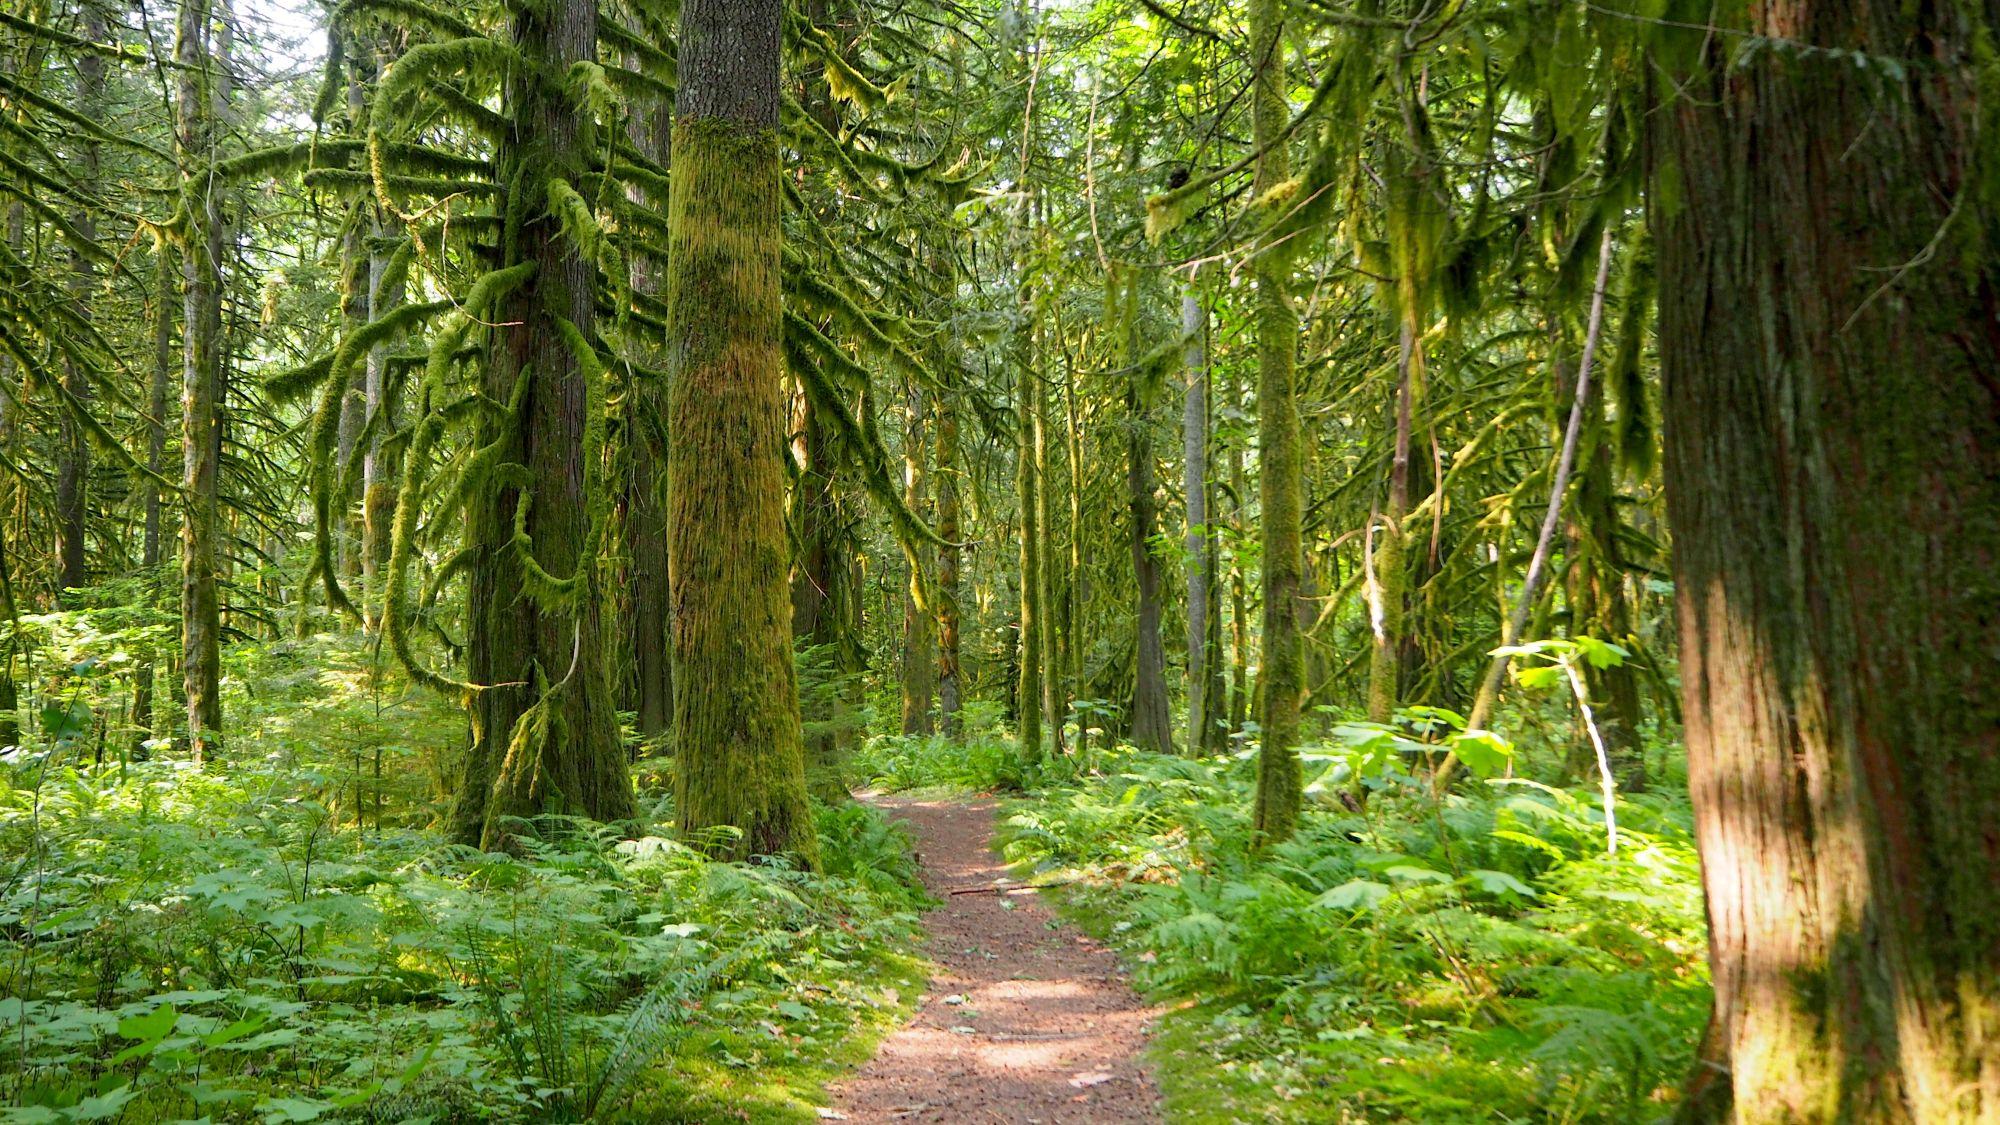 Dschungel in Kanada